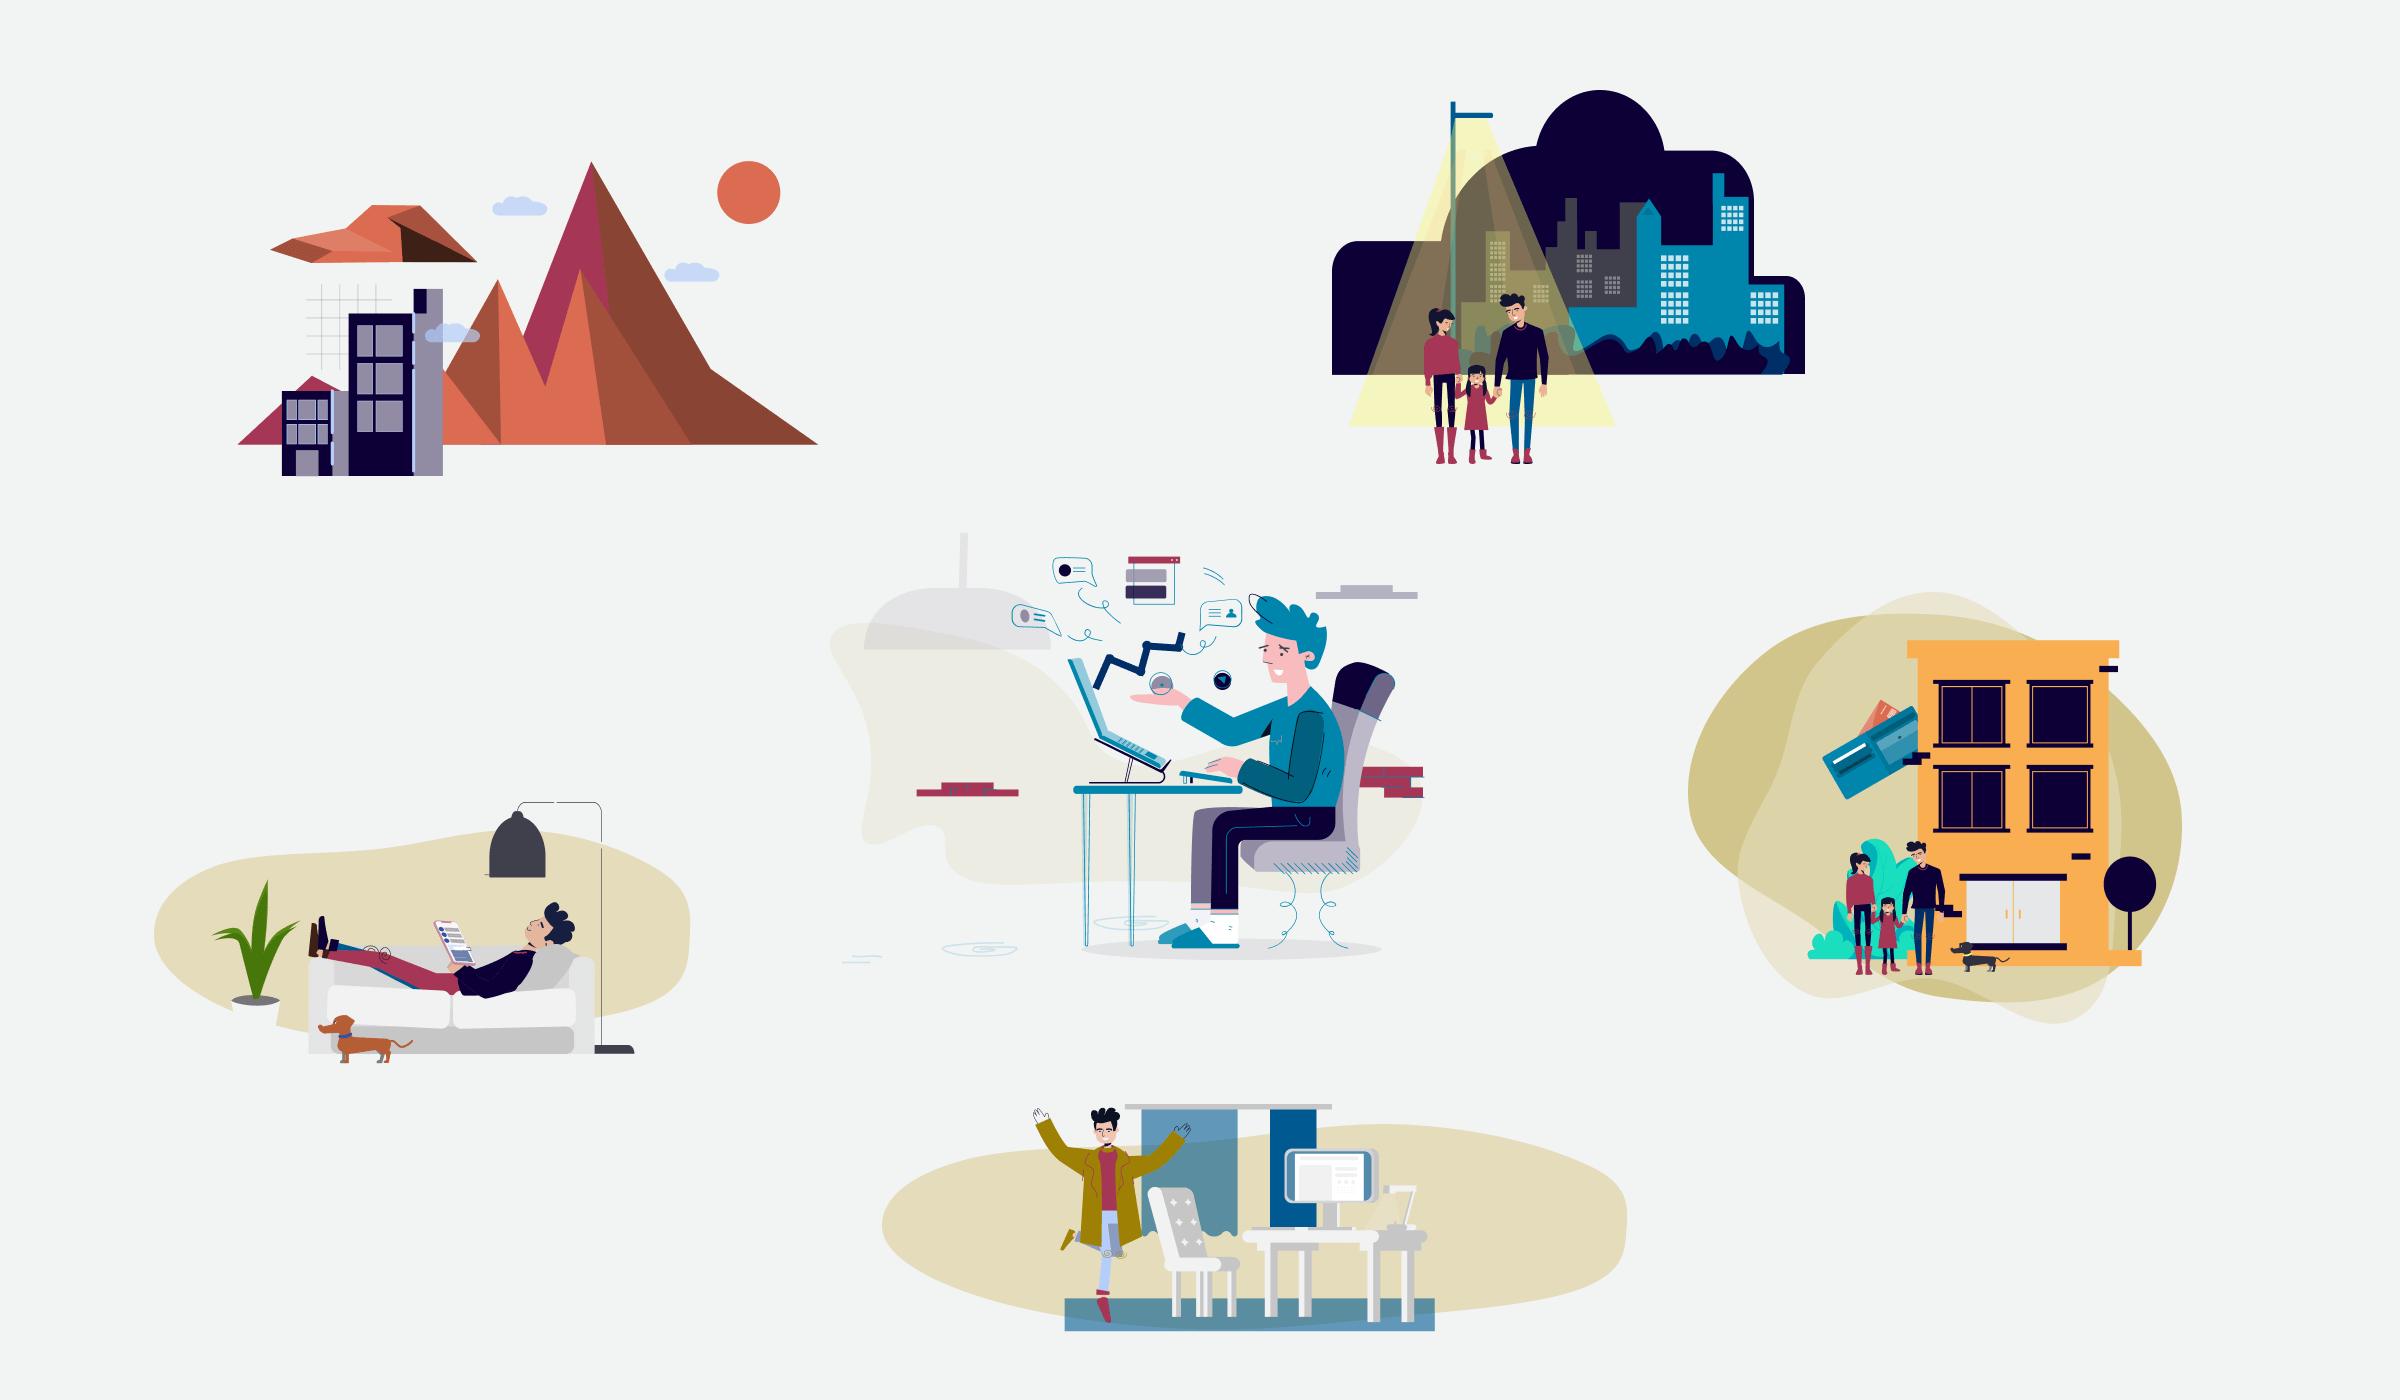 zestaw grafik wykorzystanych na stronie Objective Finance